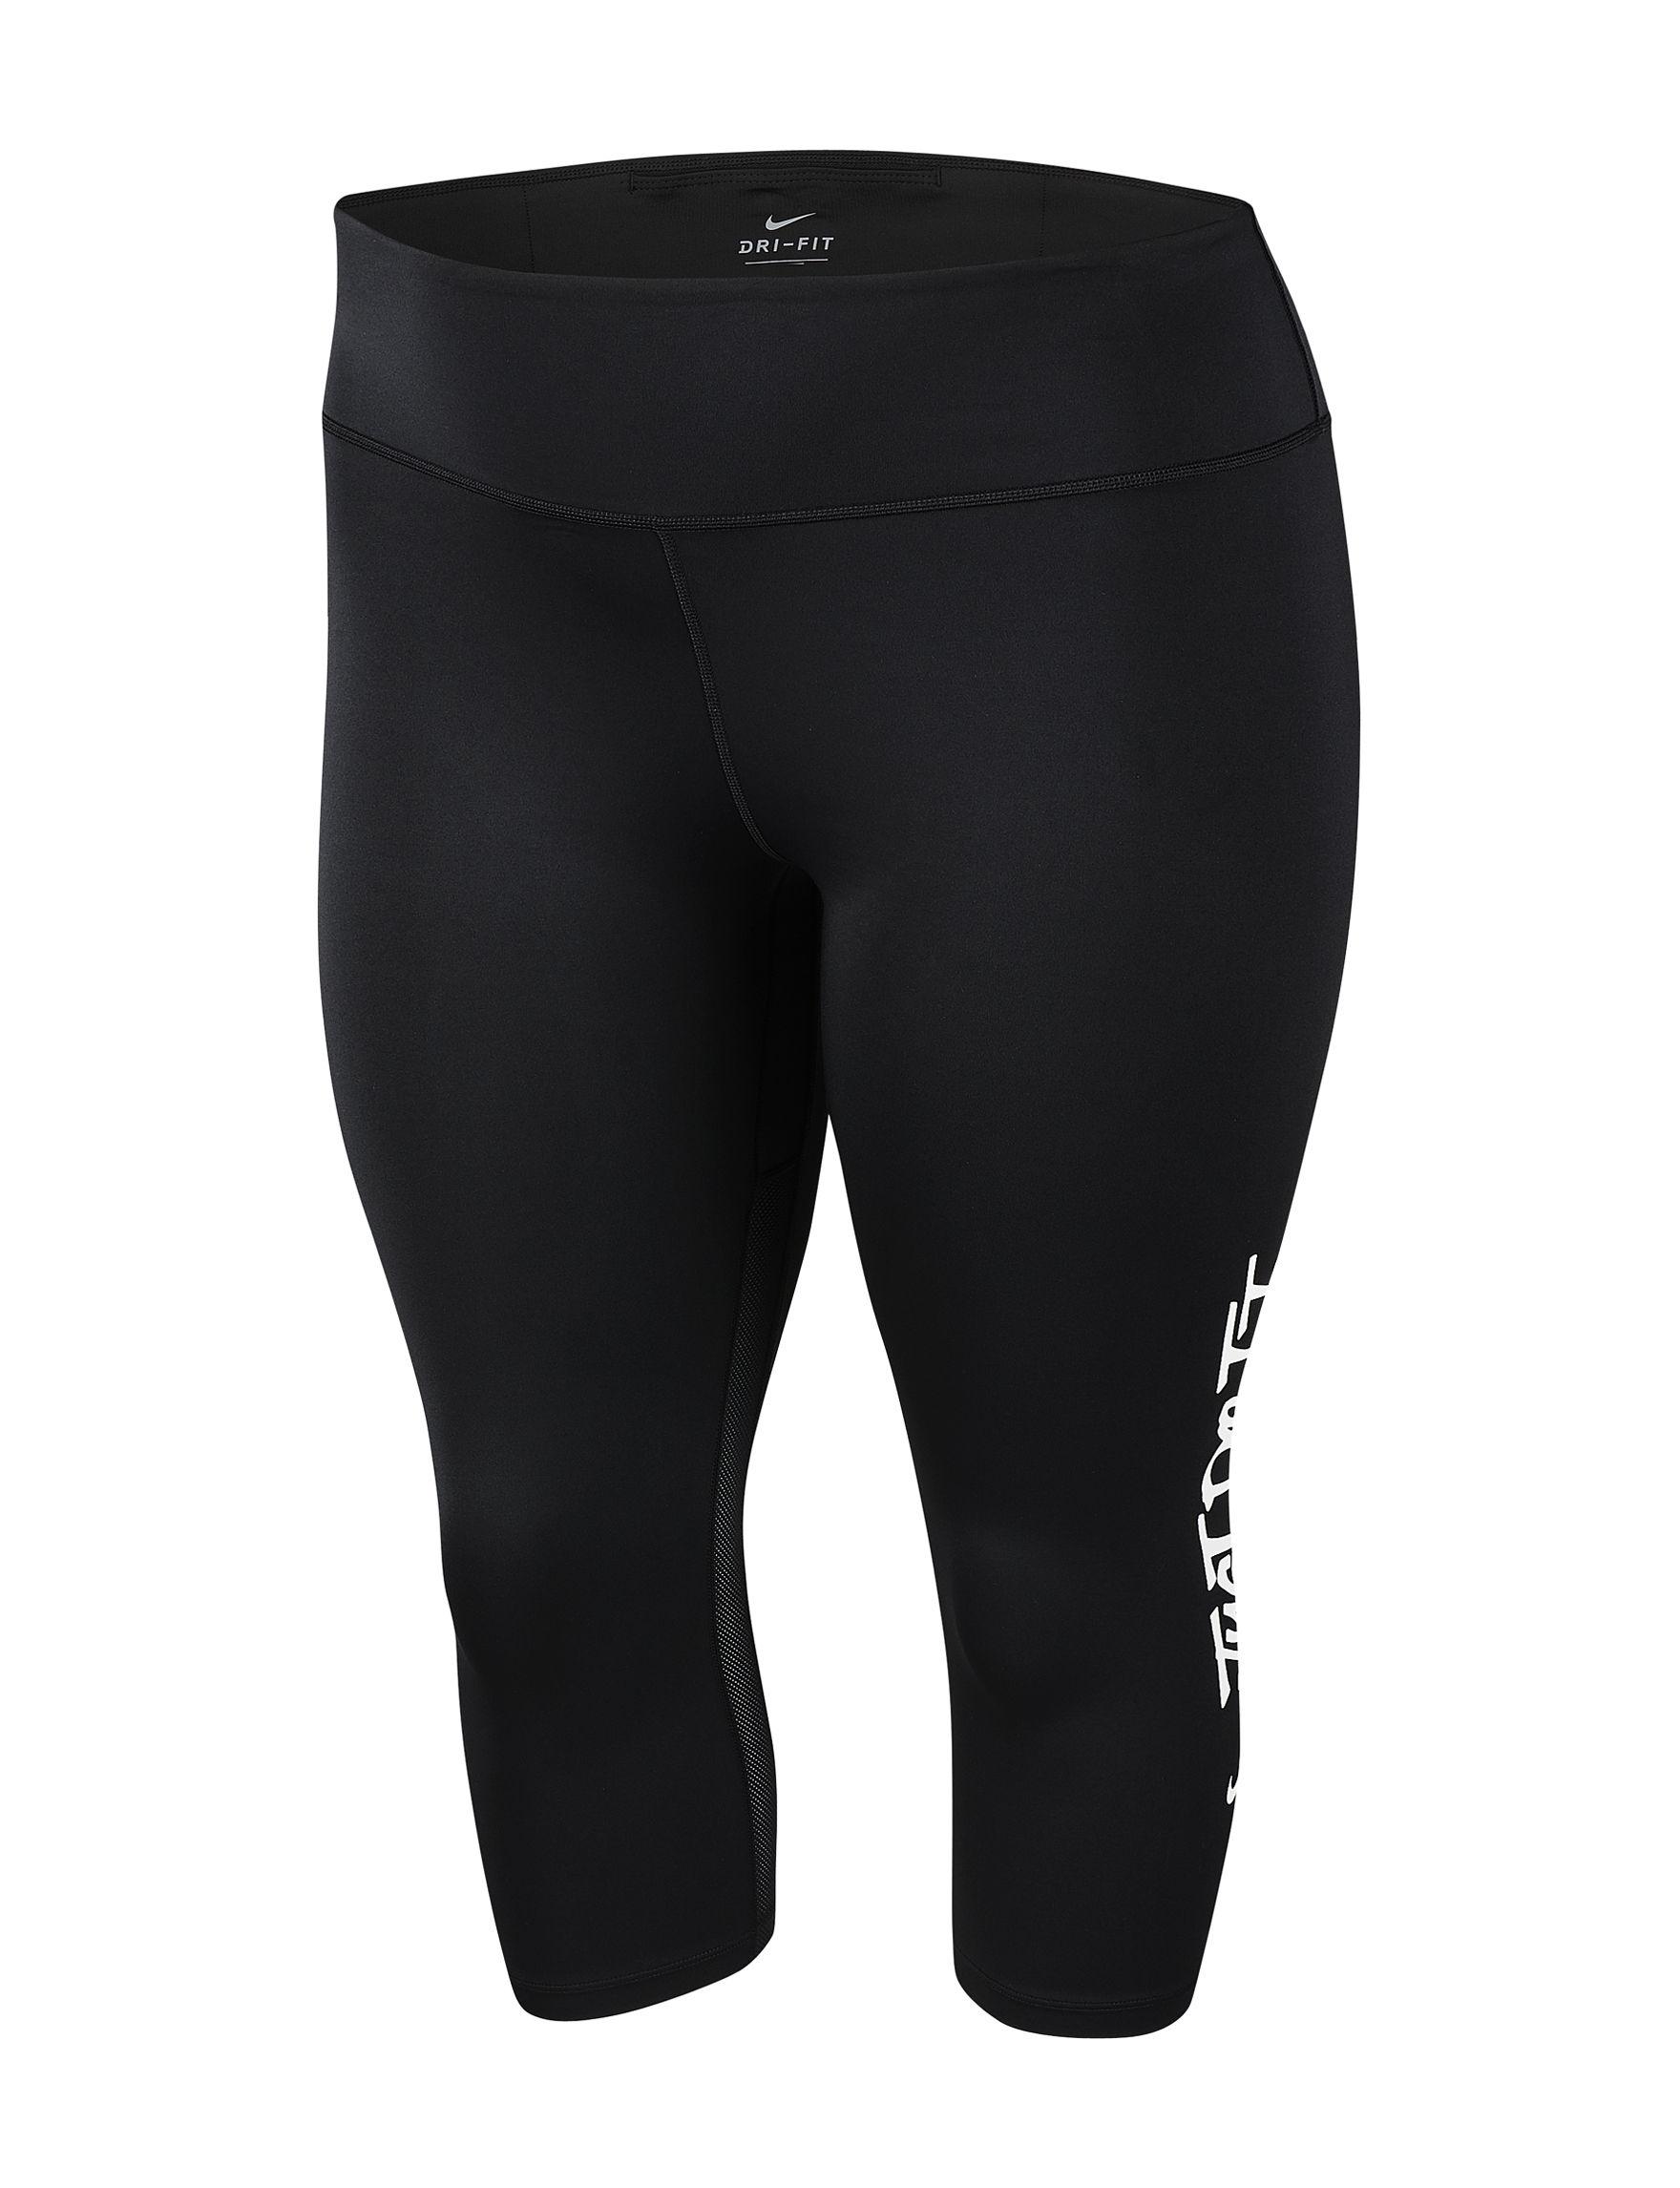 Nike Black Capris & Crops Leggings